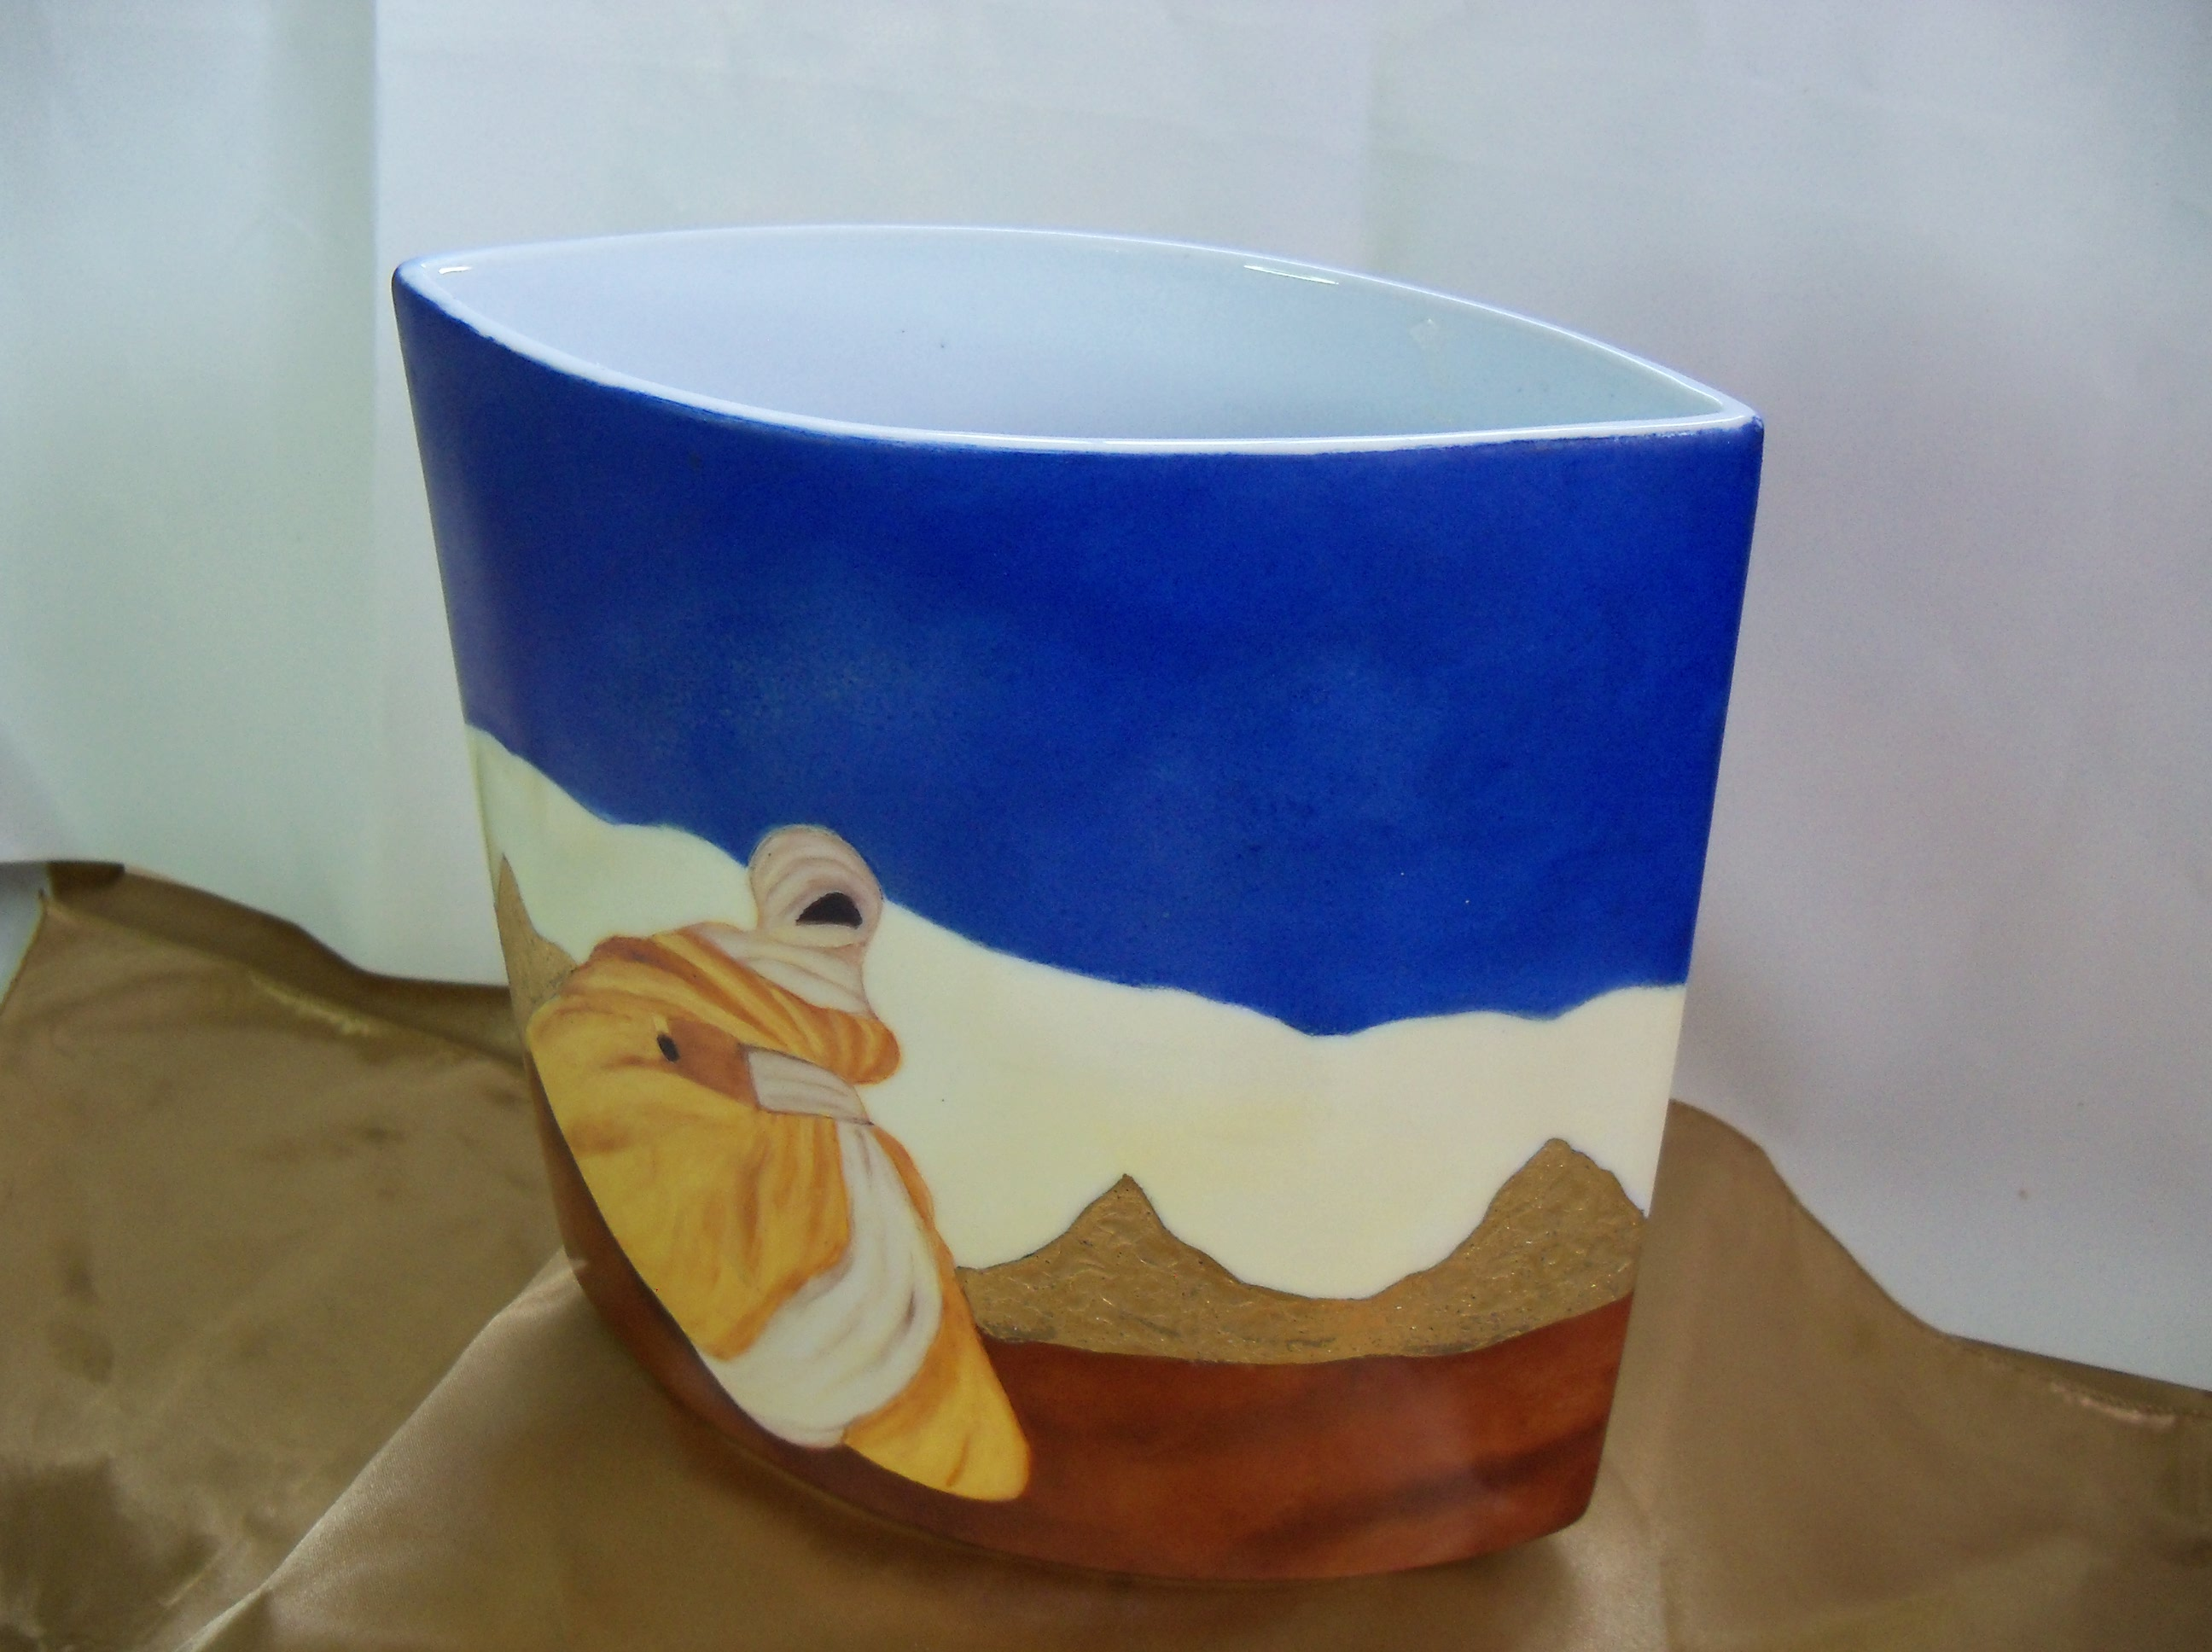 TOUAREG sur Vase en porcelaine. 200 x 200